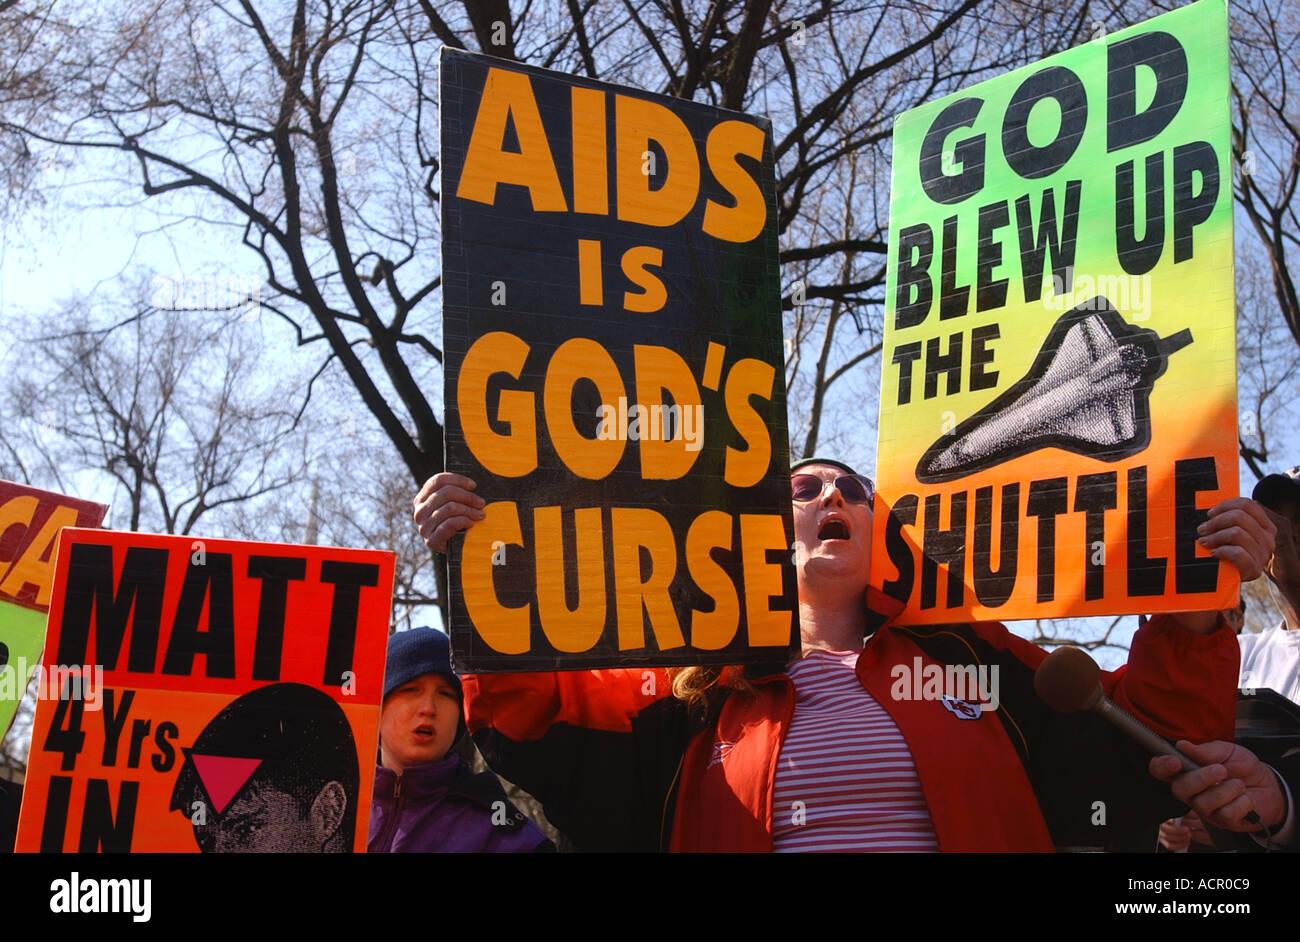 Anti Gay rally - Stock Image